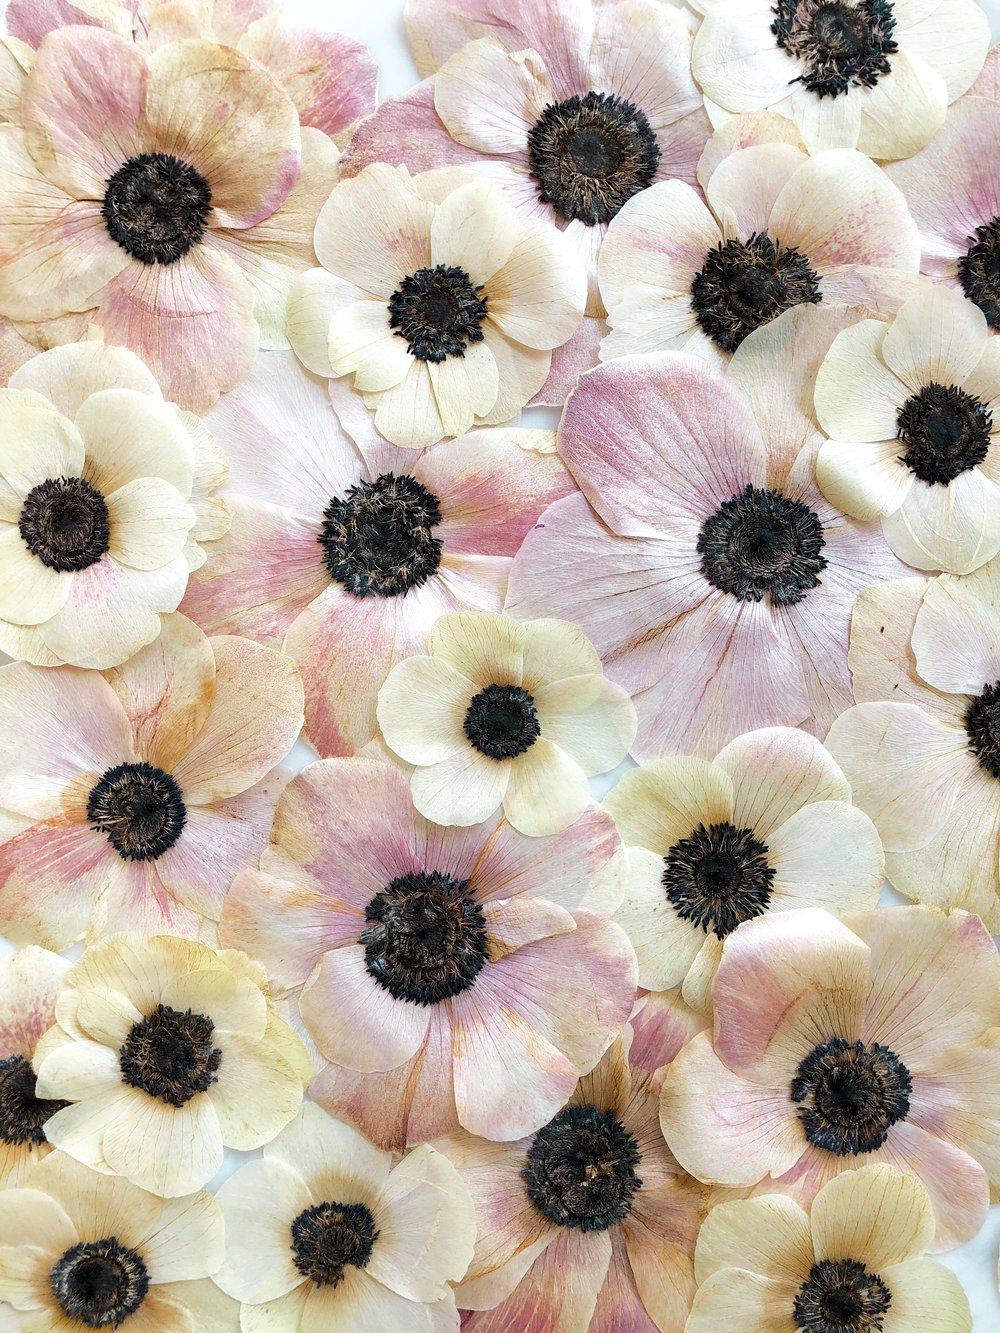 Framed Florals - Preservation Information...